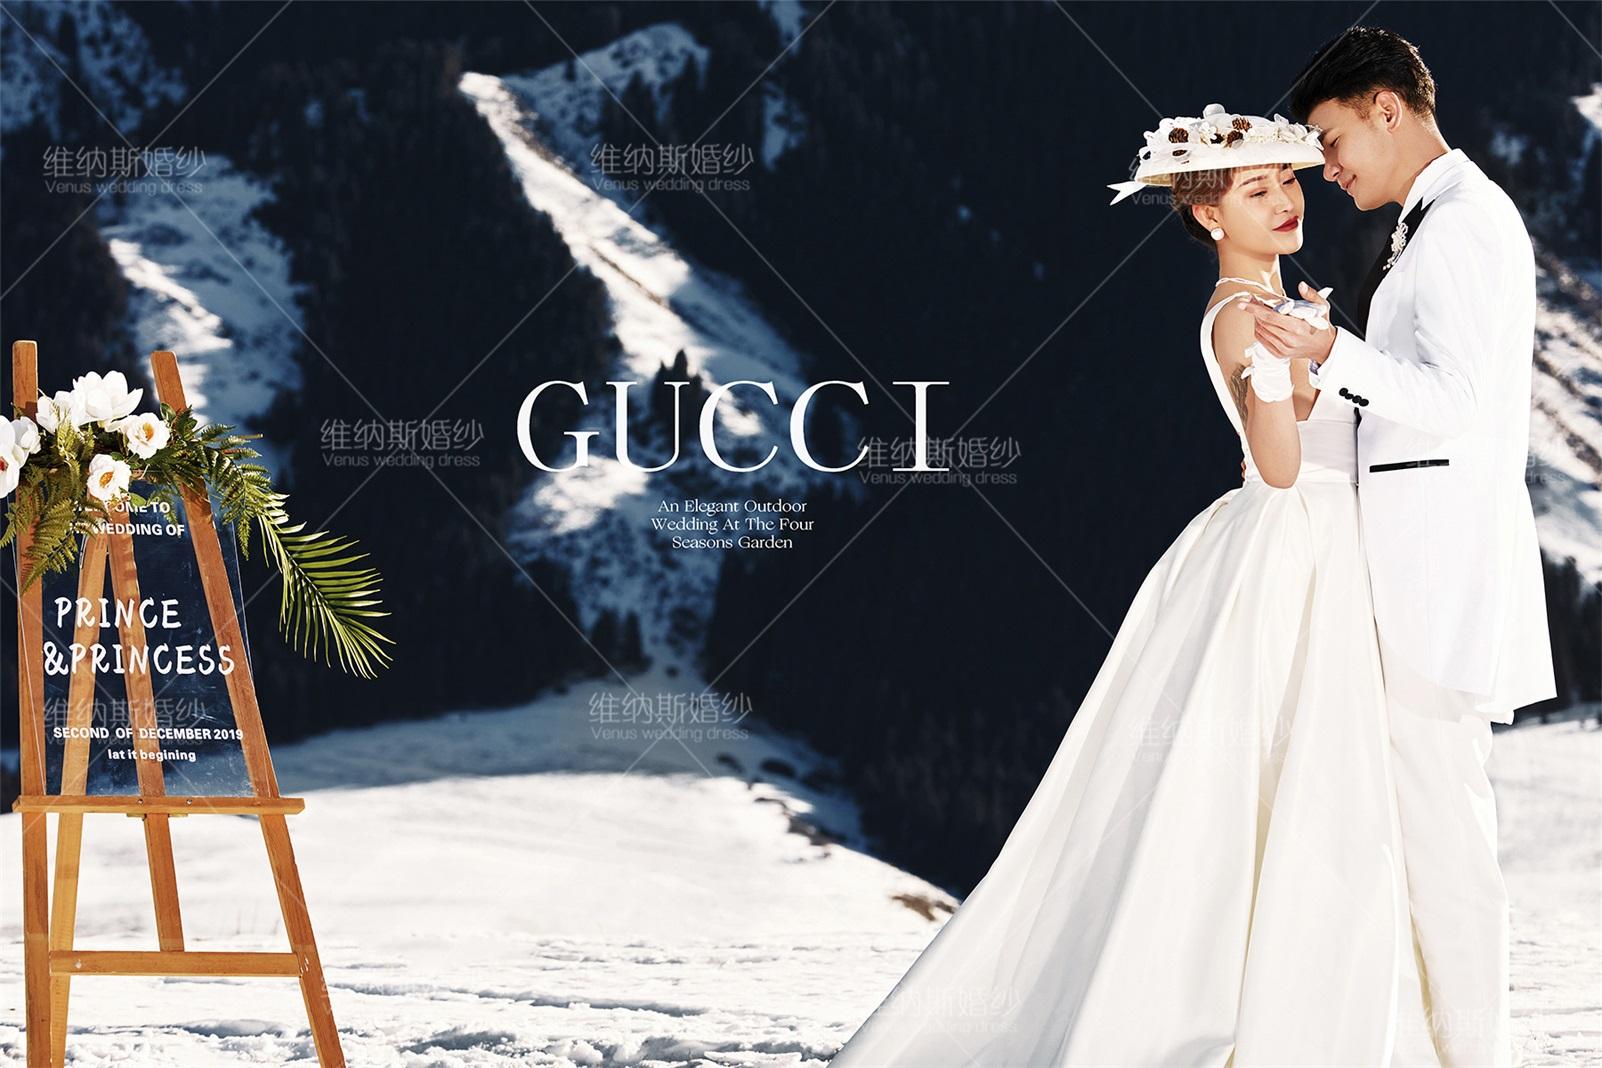 定制雪景婚纱照